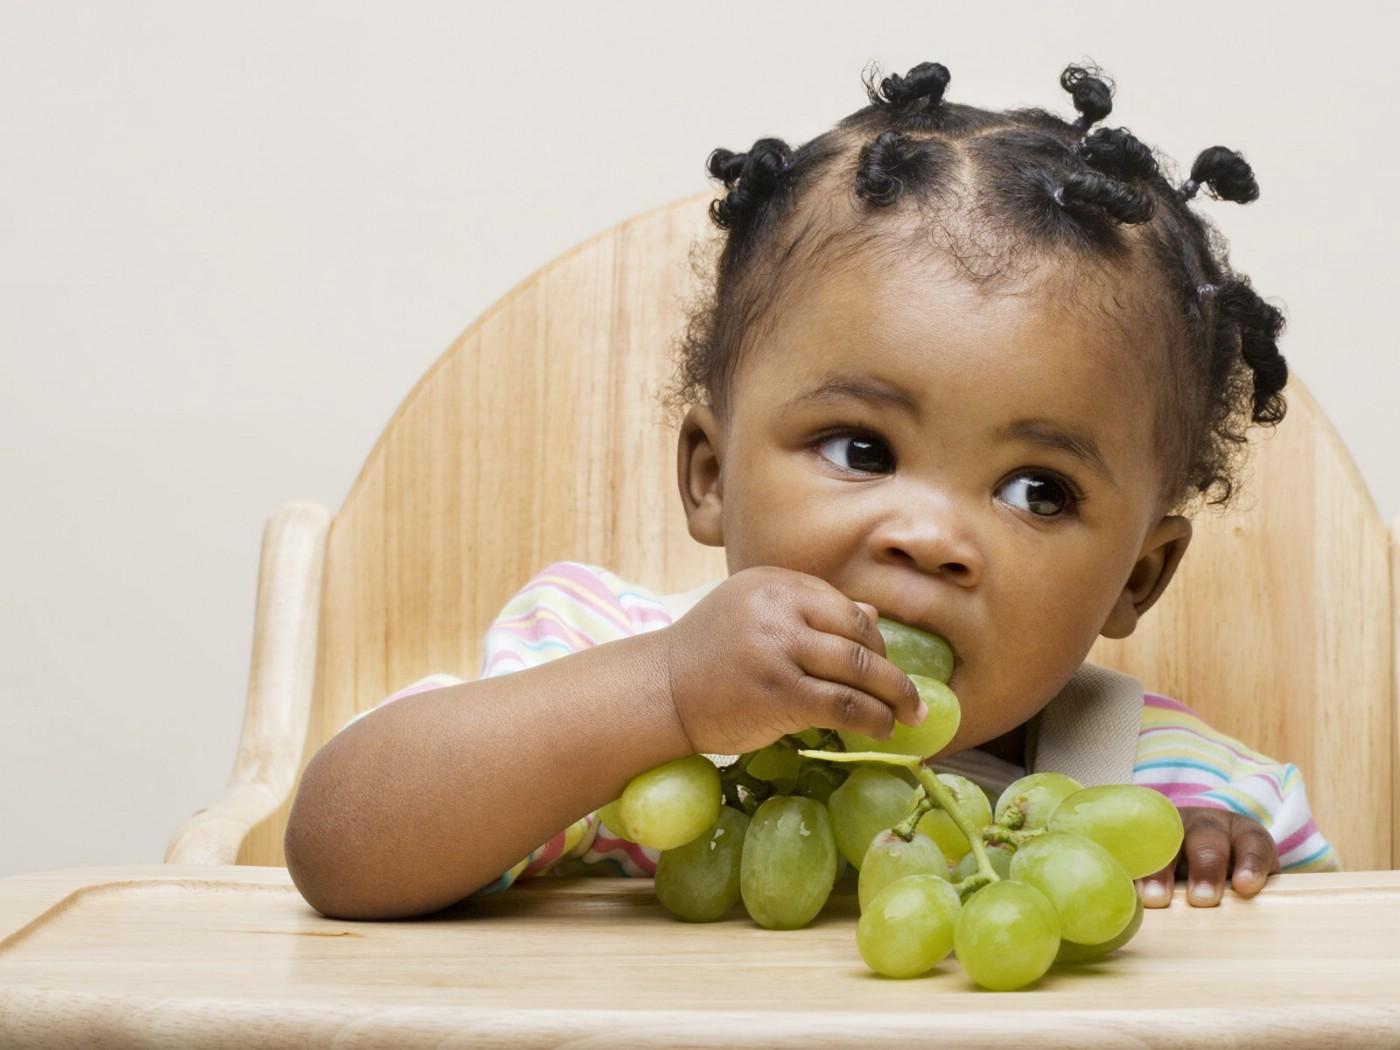 壁纸1400×1050可爱黑人宝宝